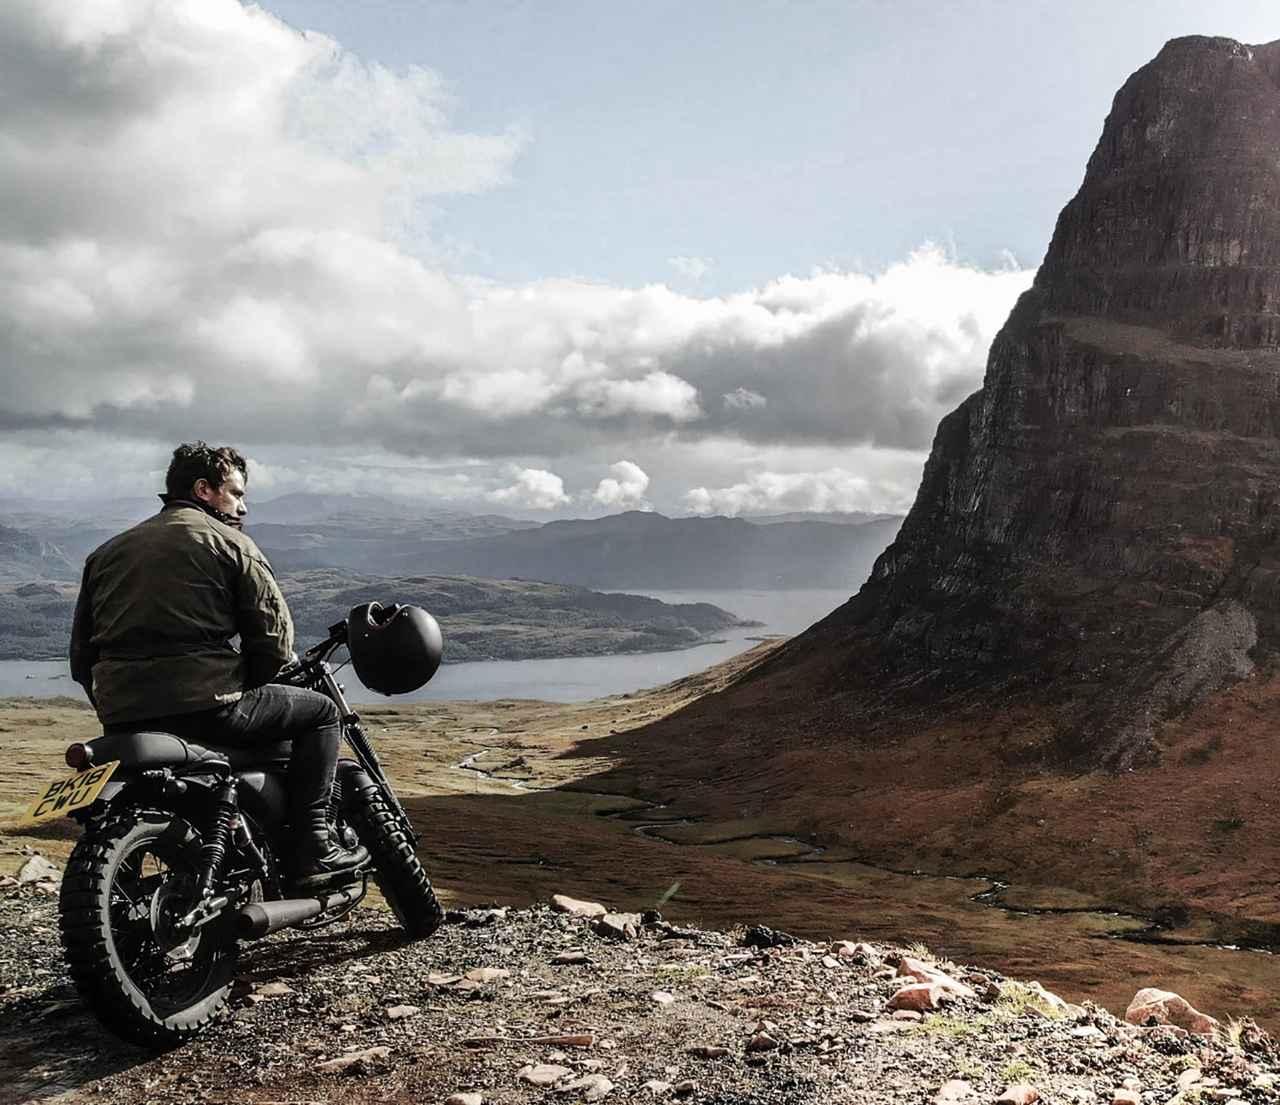 画像3: 高名なカスタムビルダーが生んだ、「小排気量車×カスタムバイク」の世界観